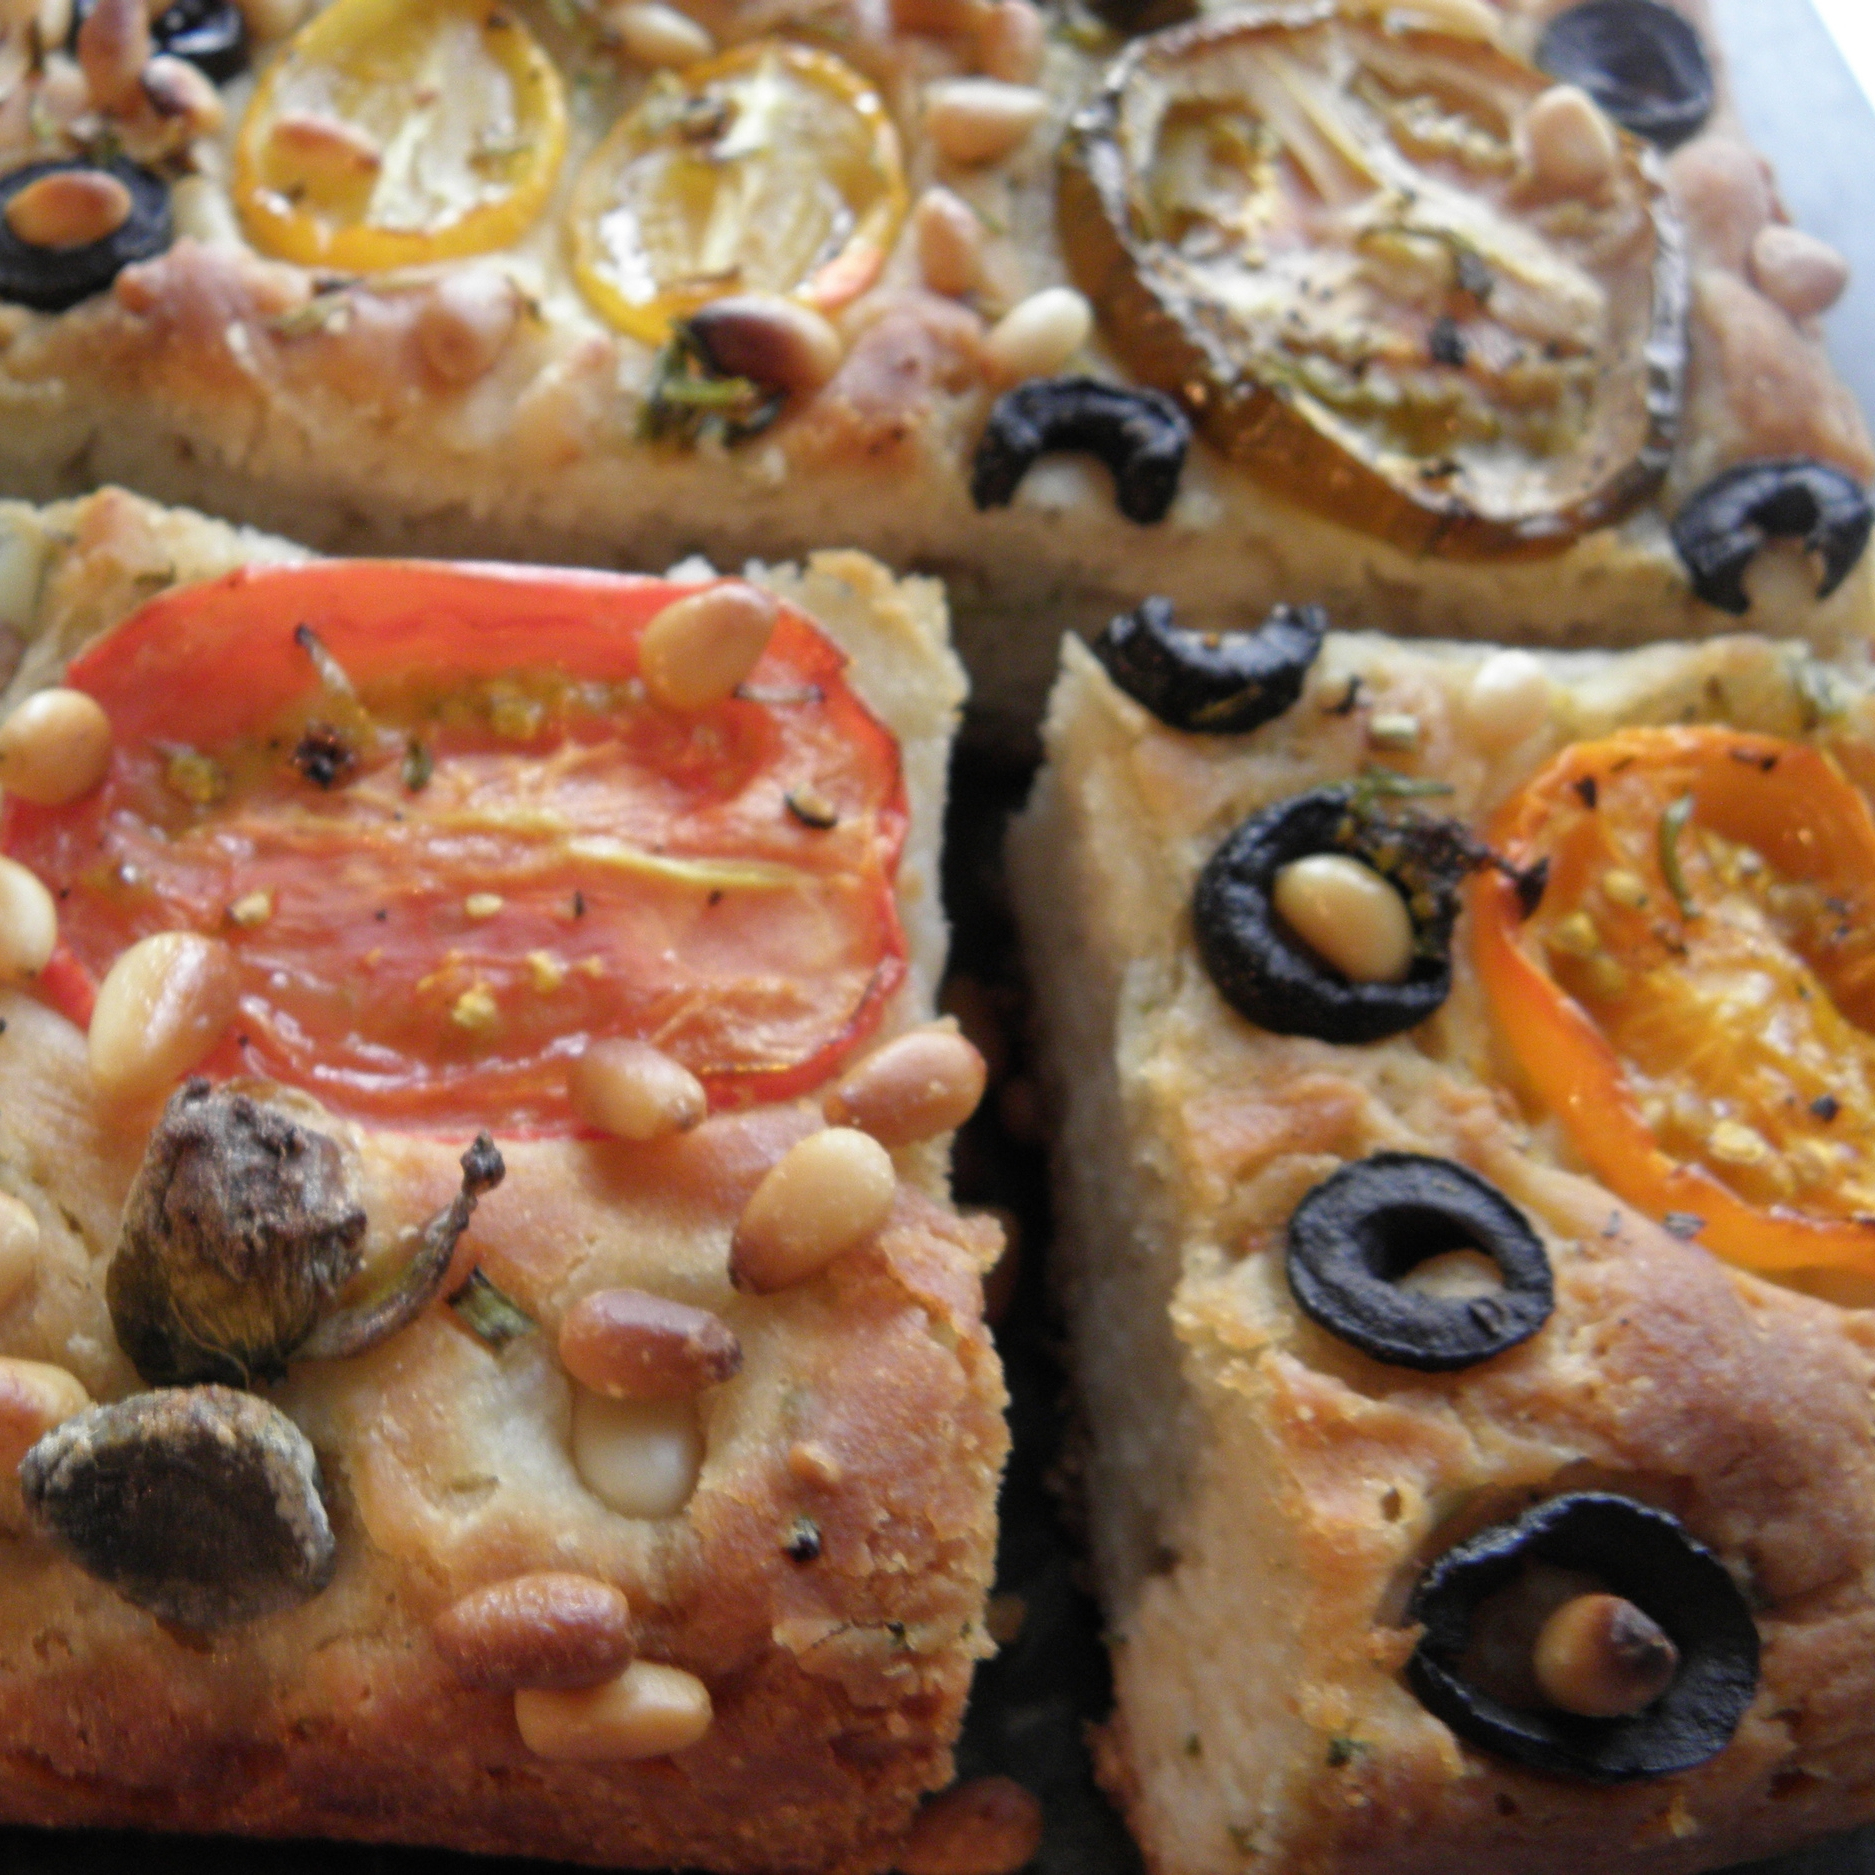 Tomato and chive focaccia